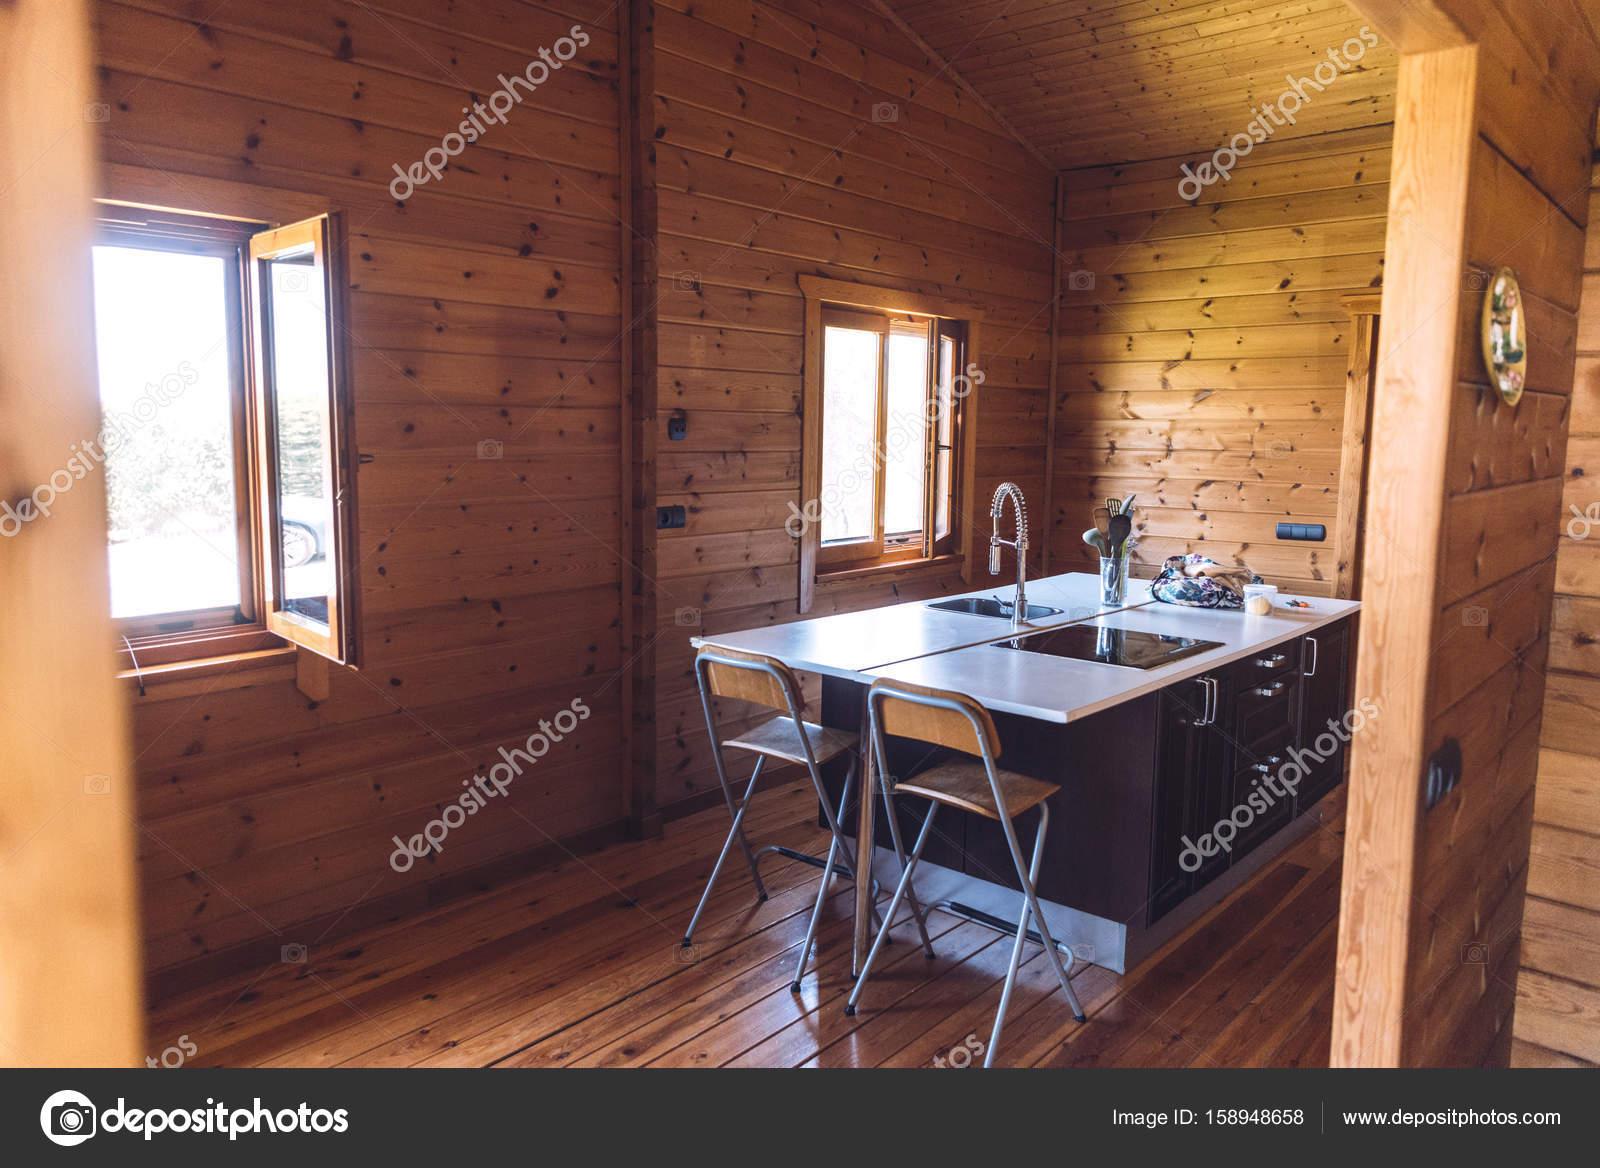 Moderne Kuche Im Holzhaus Stockfoto C Klublub 158948658